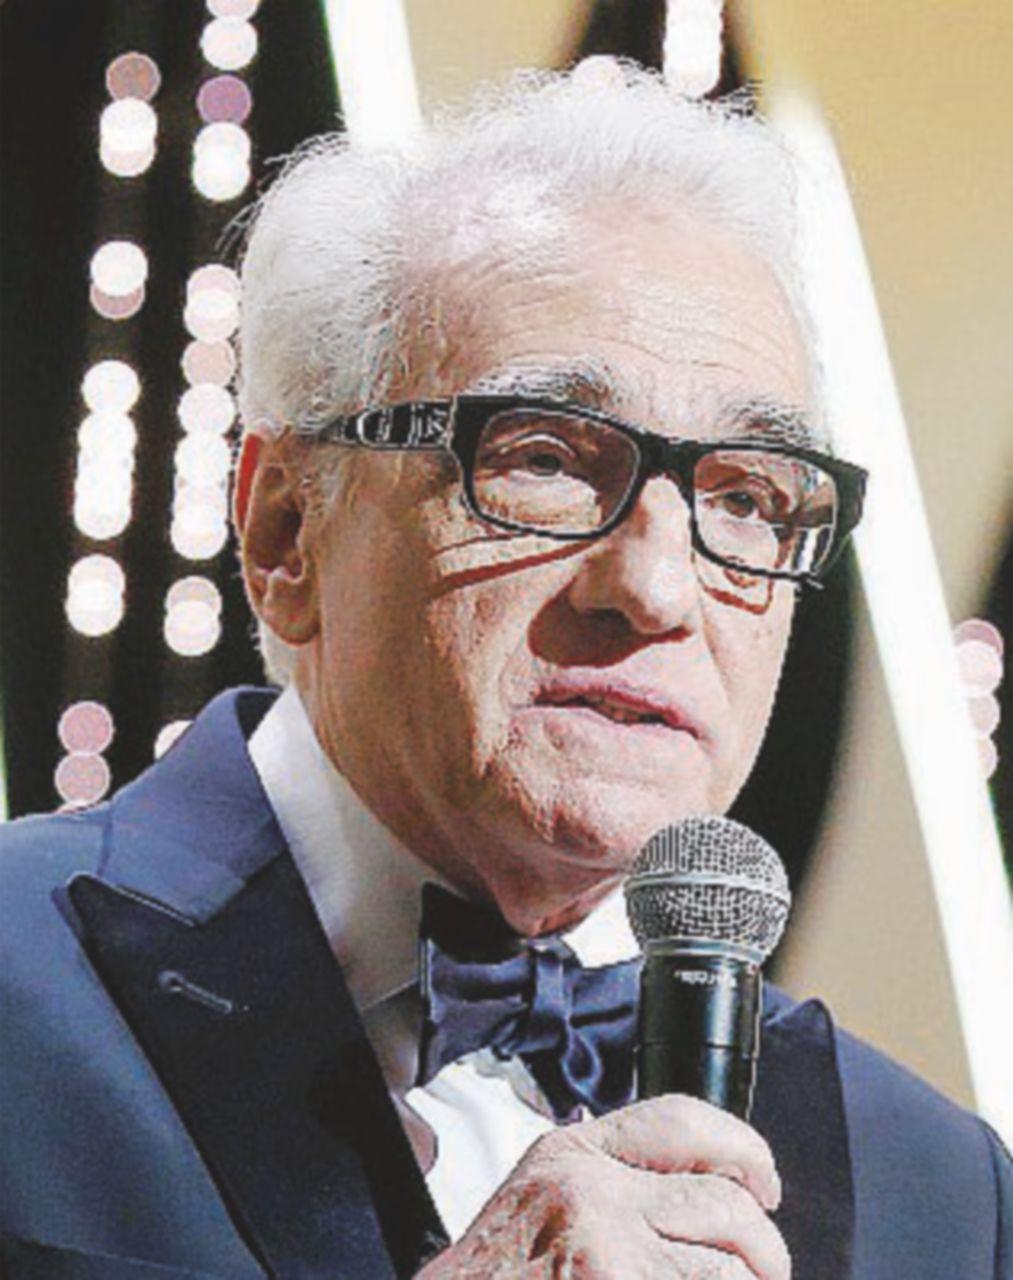 Tanti divieti per nulla: aperture modeste e imbarazzo Scorsese